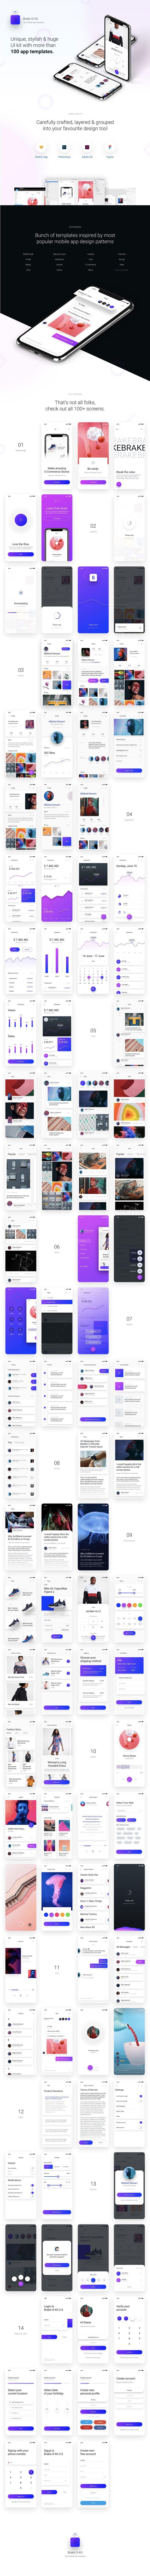 超专业的多功能(新闻资讯,电商,数据展示)iPhone X APP UI KITS[sketch,PSD,XD,fig]